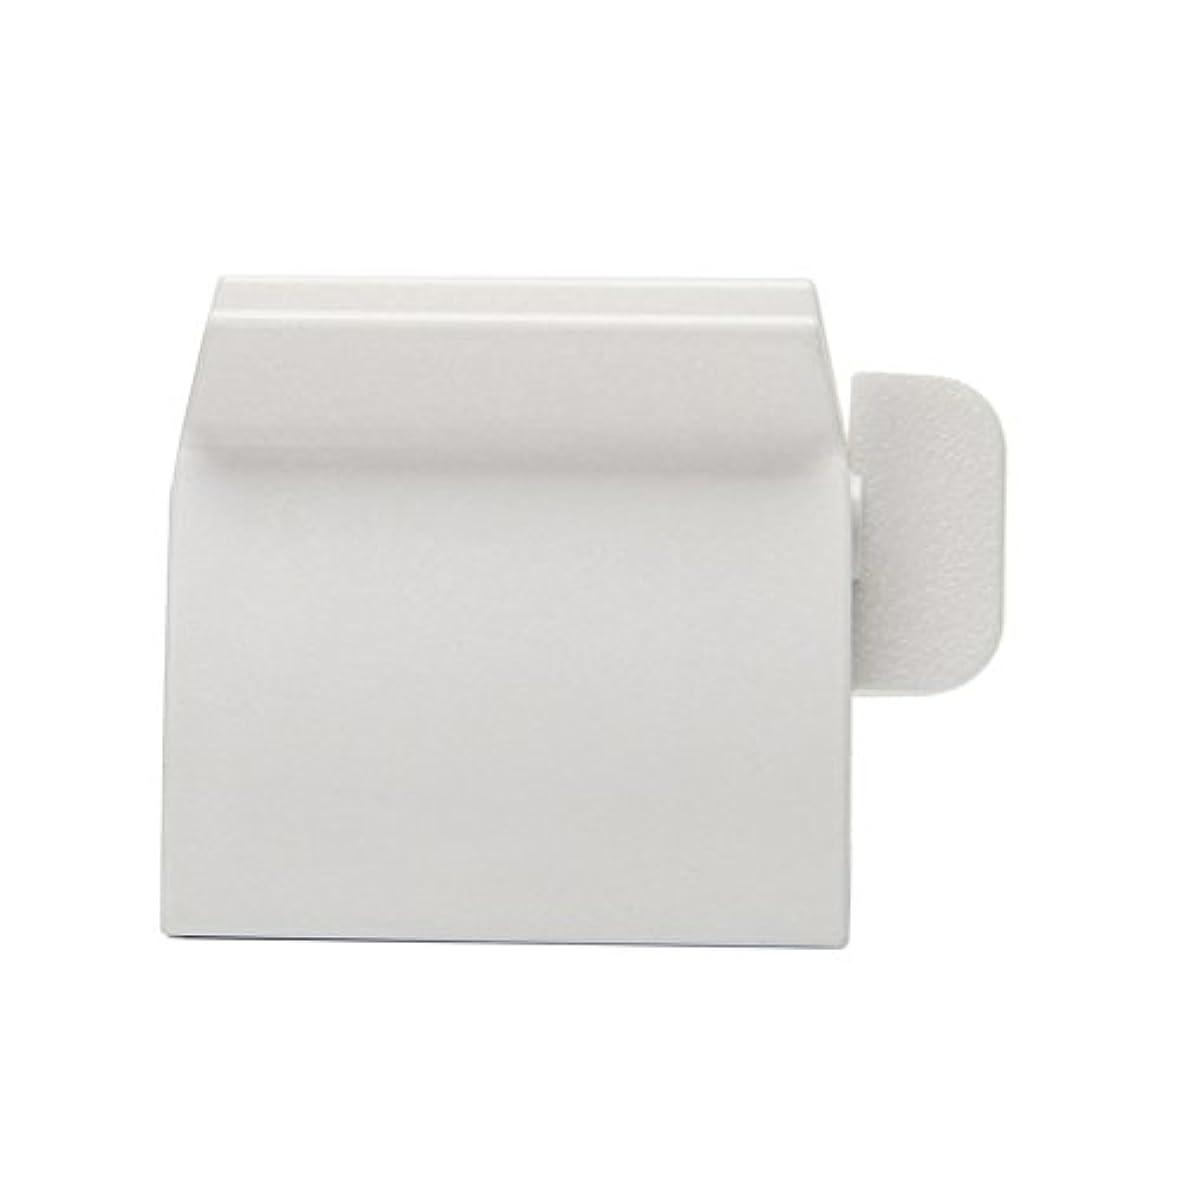 出費回転させる試みるLamdoo浴室ホームチューブローリングホルダースクイーザ簡単歯磨き粉ディスペンサー